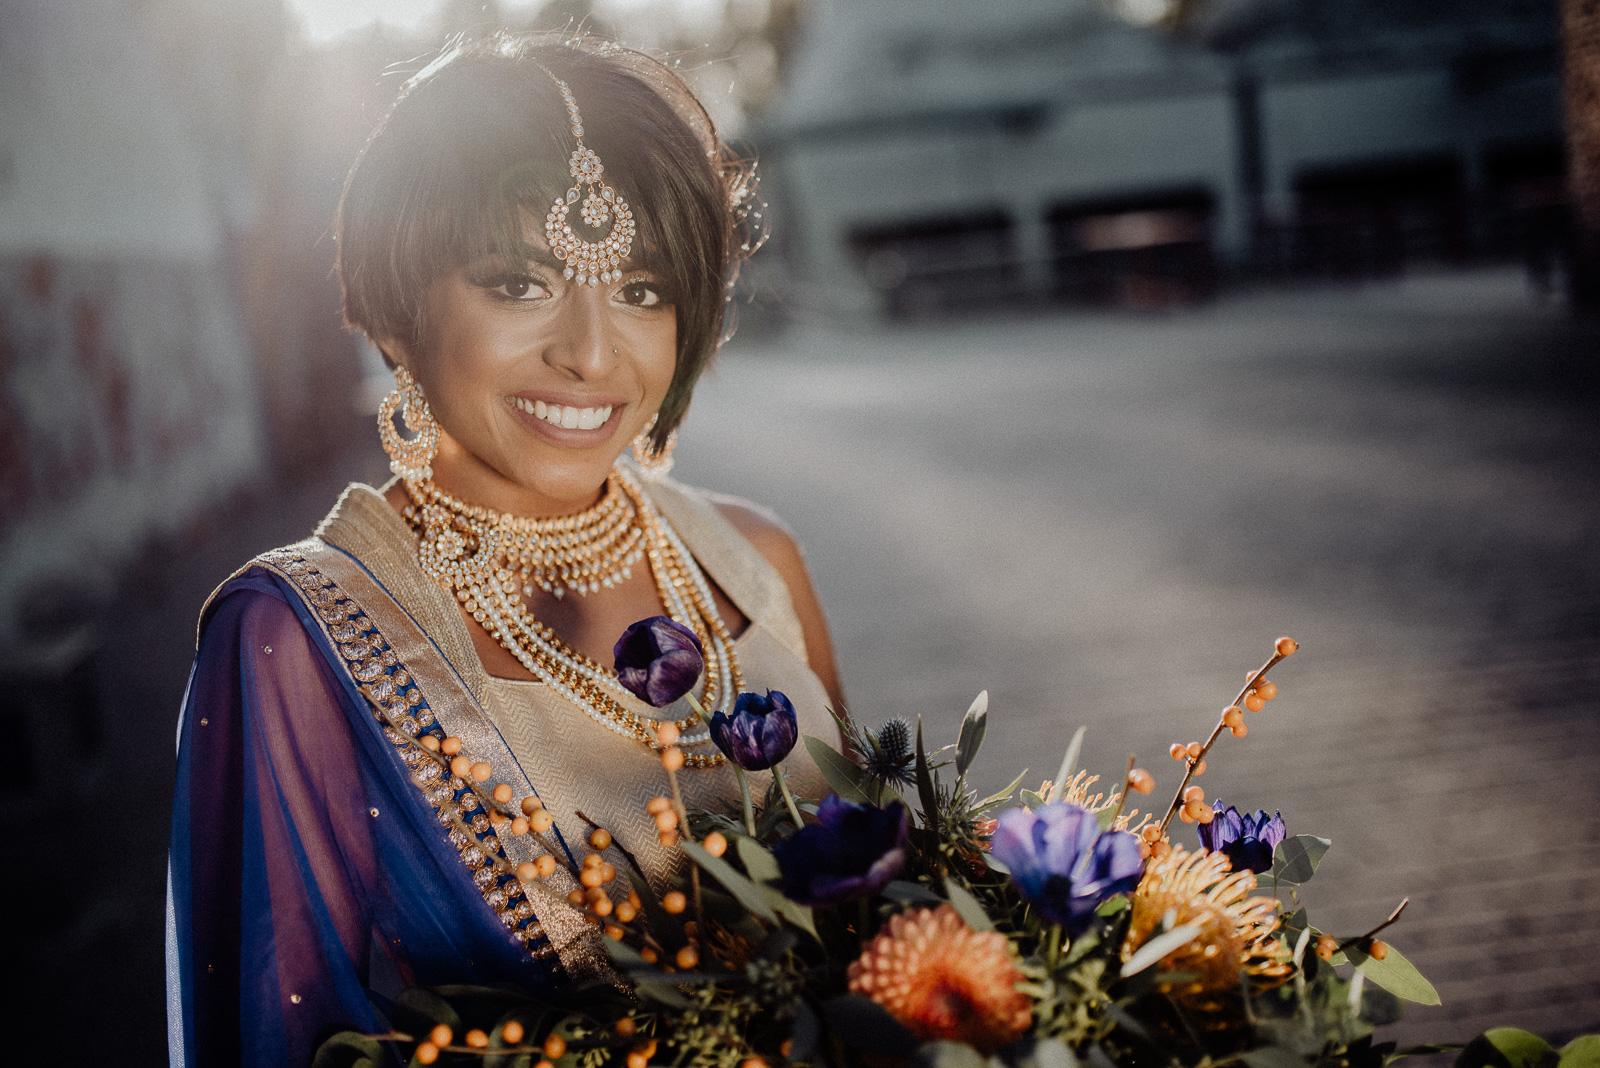 041-designparaplus-bochum-saree-indische-braut-fotograf